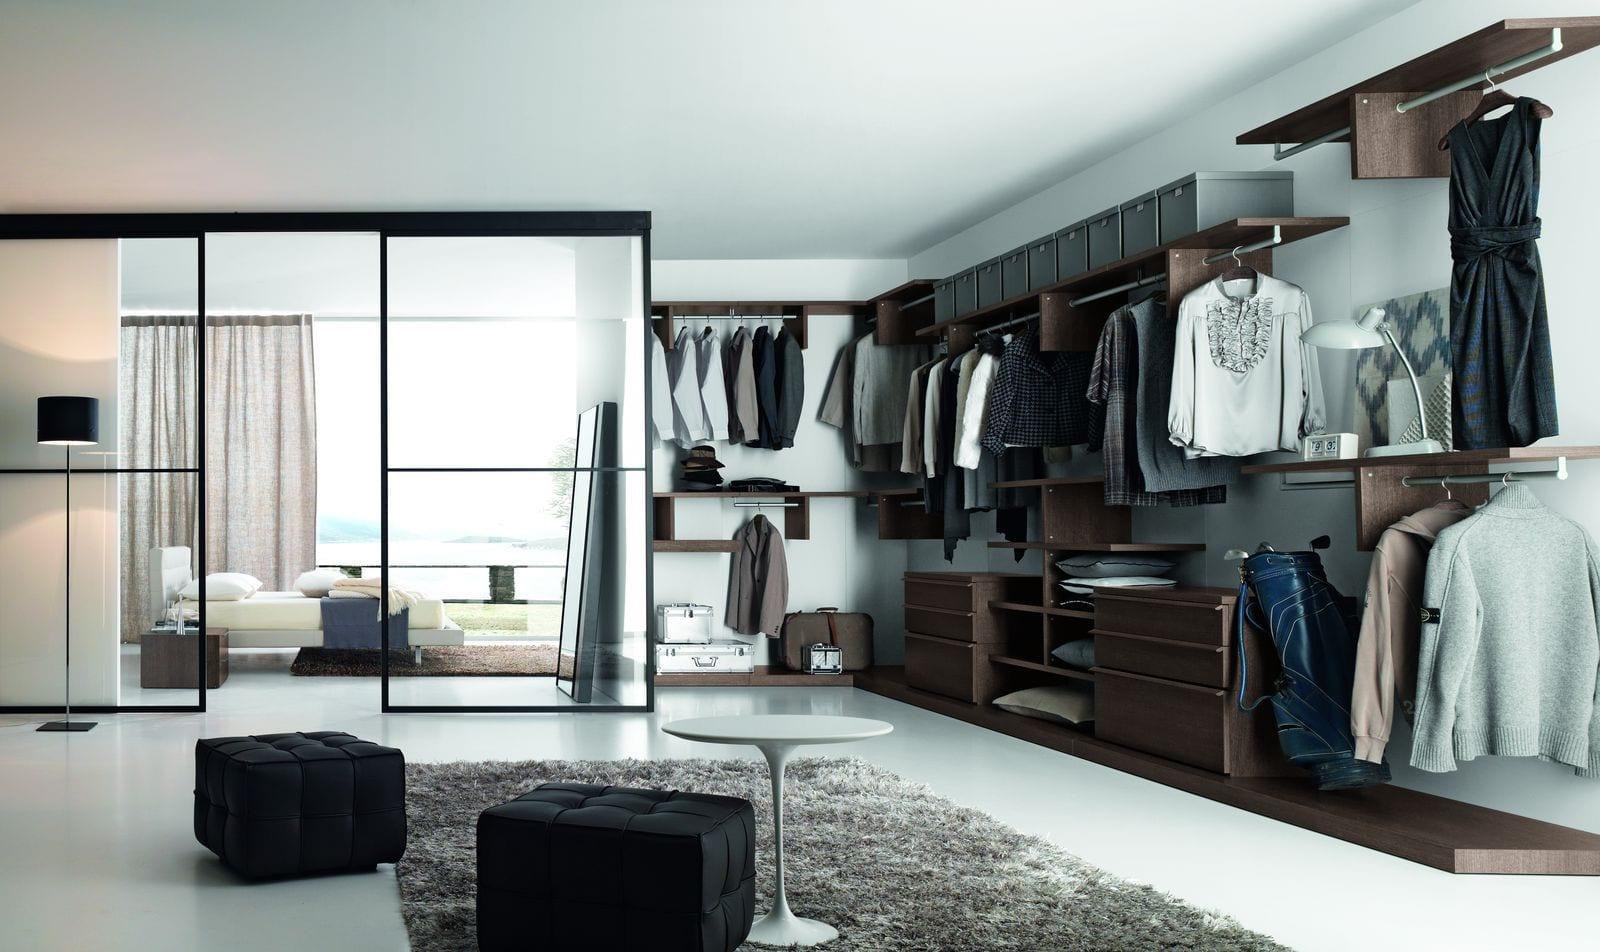 Cabine armadio moderne componibili e di design - Raimondi Idee Casa